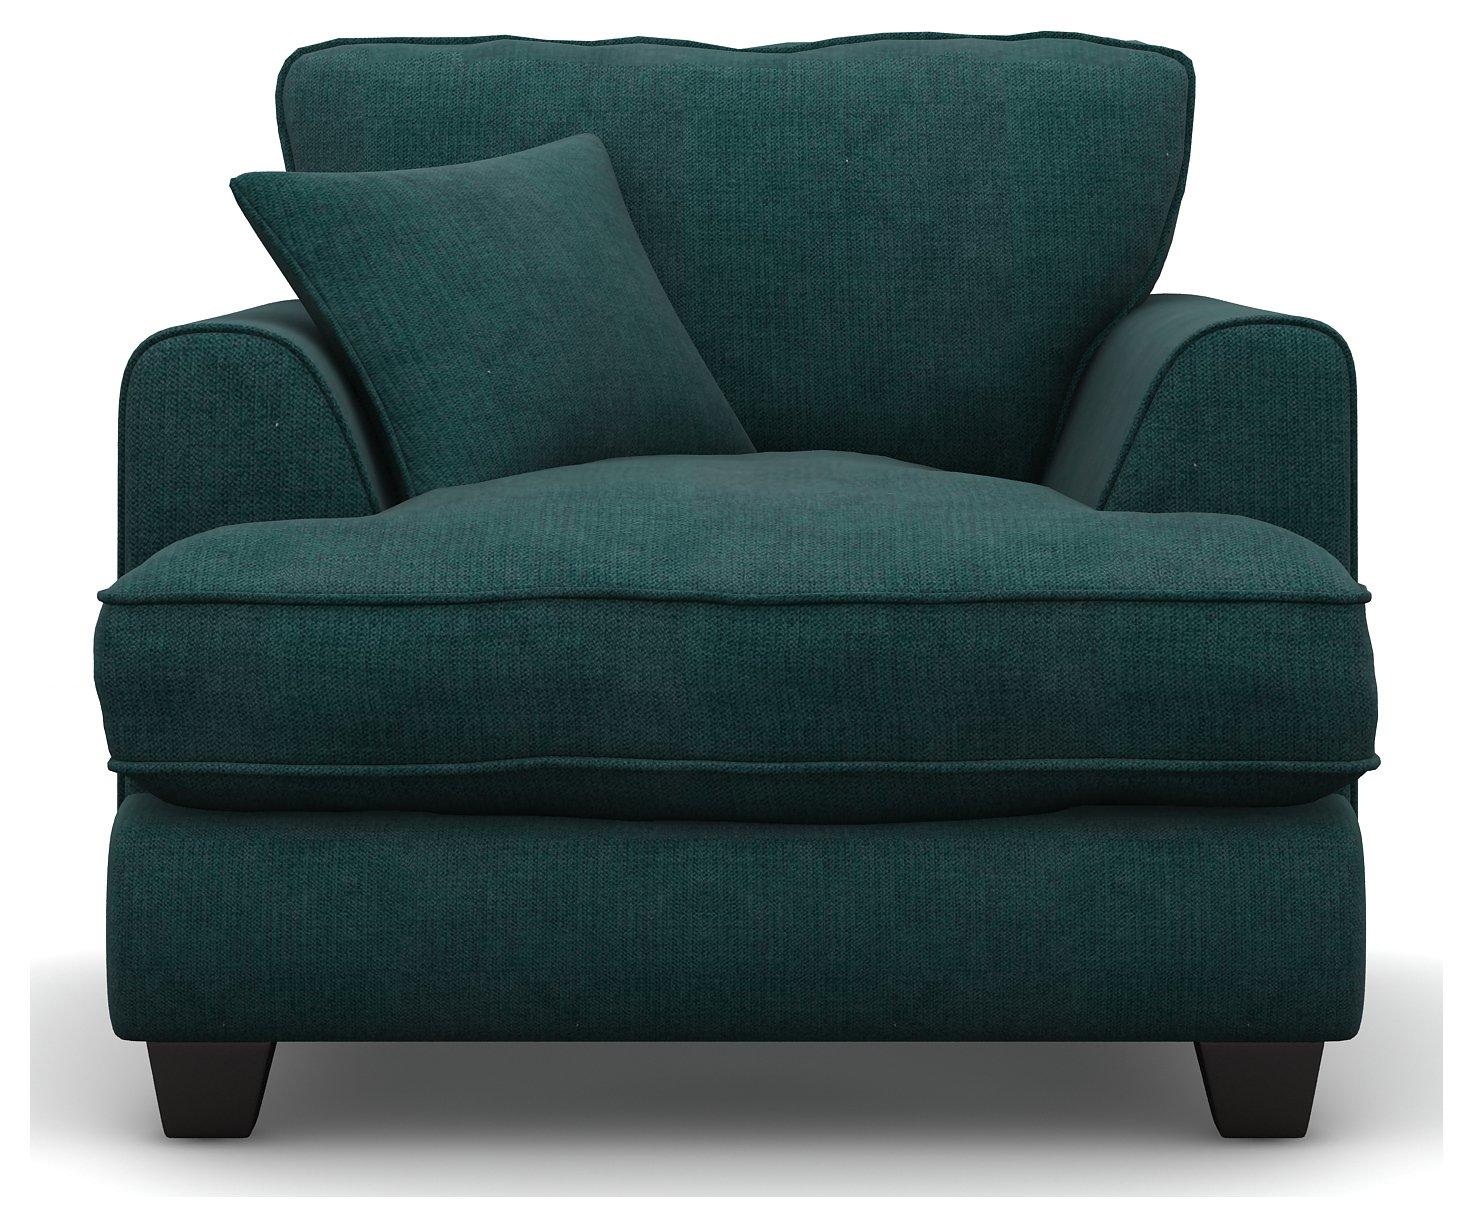 Argos Home Hampstead Fabric Armchair - Ocean Blue